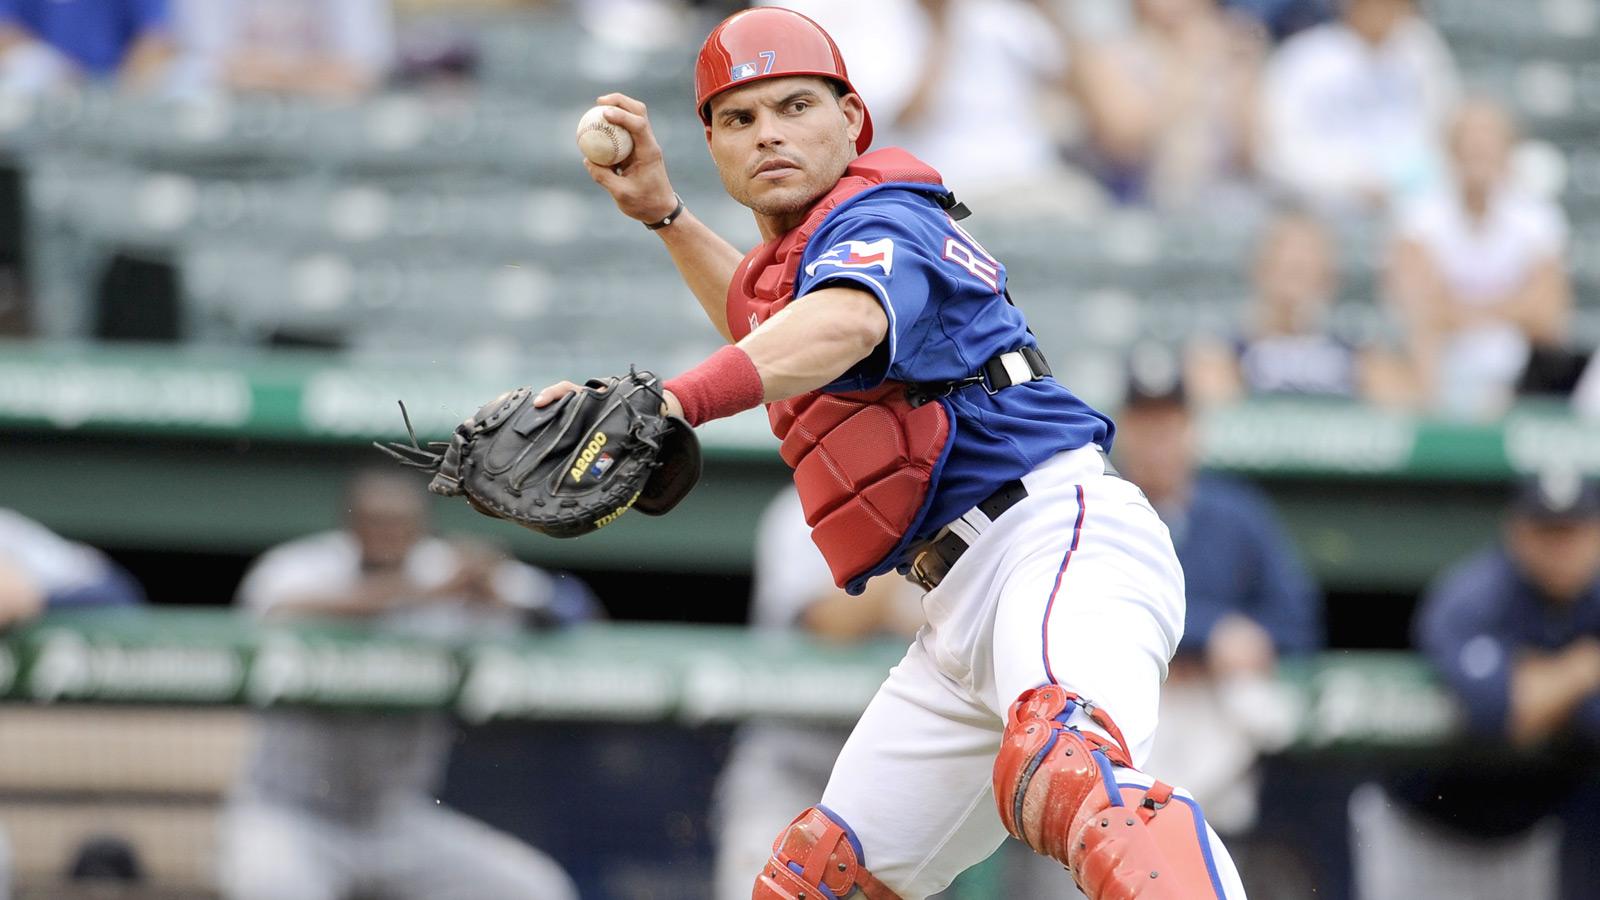 010716-MLB-Texas-Rangers-Ivan-Rodriguez-PI-JE